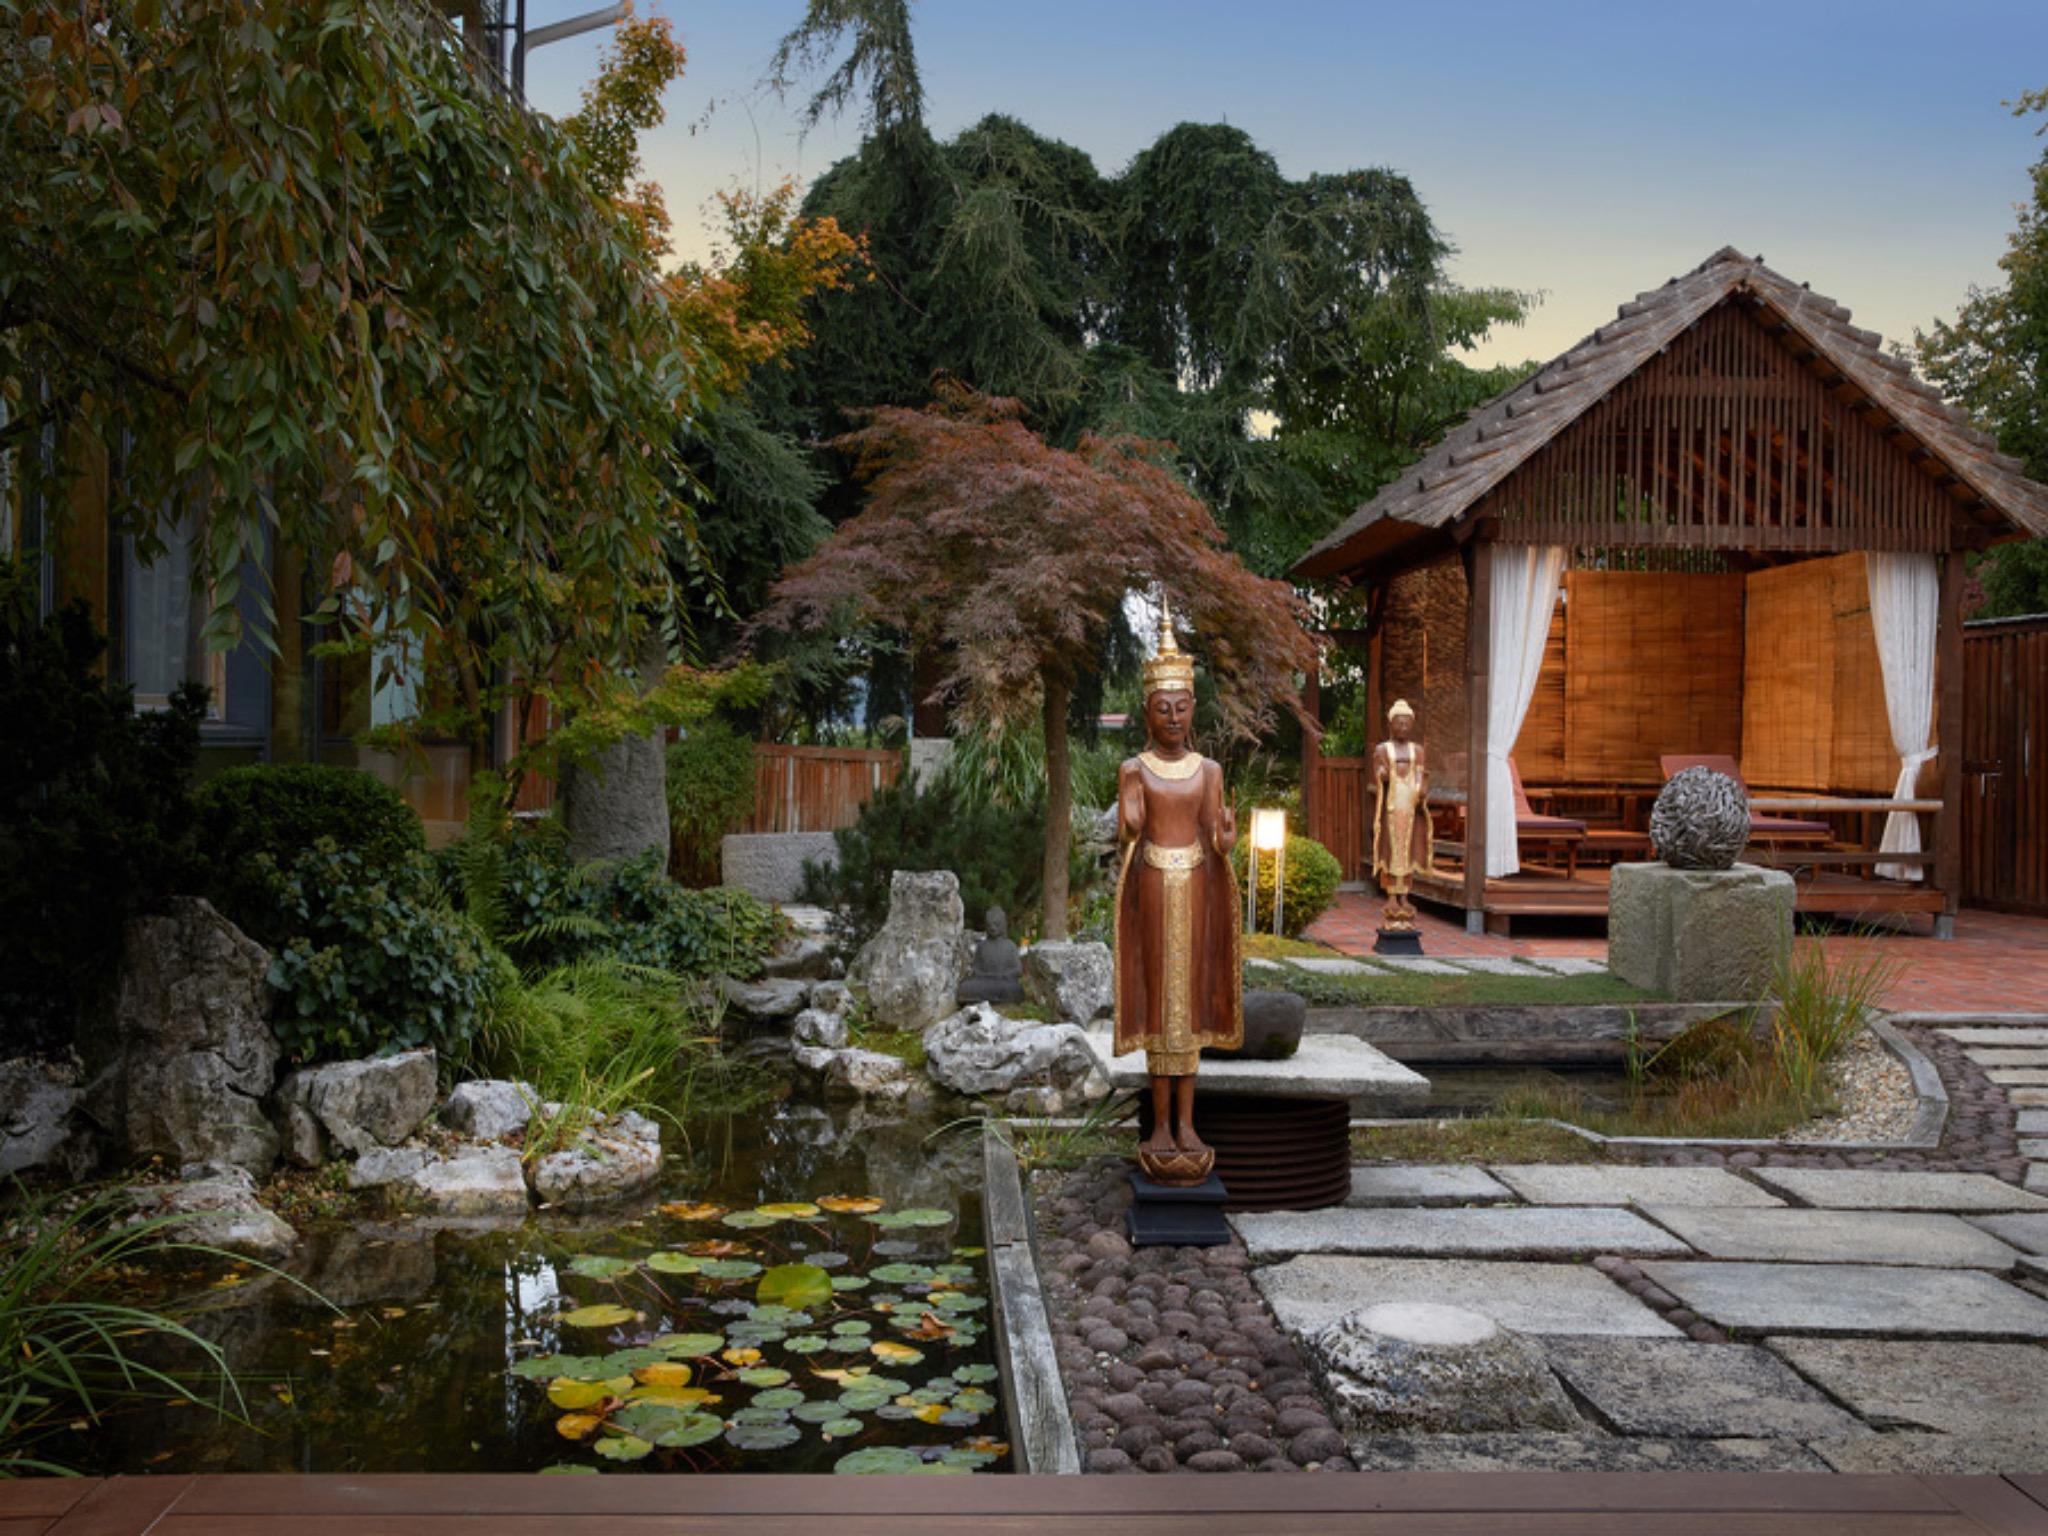 Bei der Main-Post Reiseauktion kann man sich wieder tolle Urlaubsreisen zu tollen Preisen sichern! Foto: Ayurveda-Resort MANDIRA GmbH & Co KG